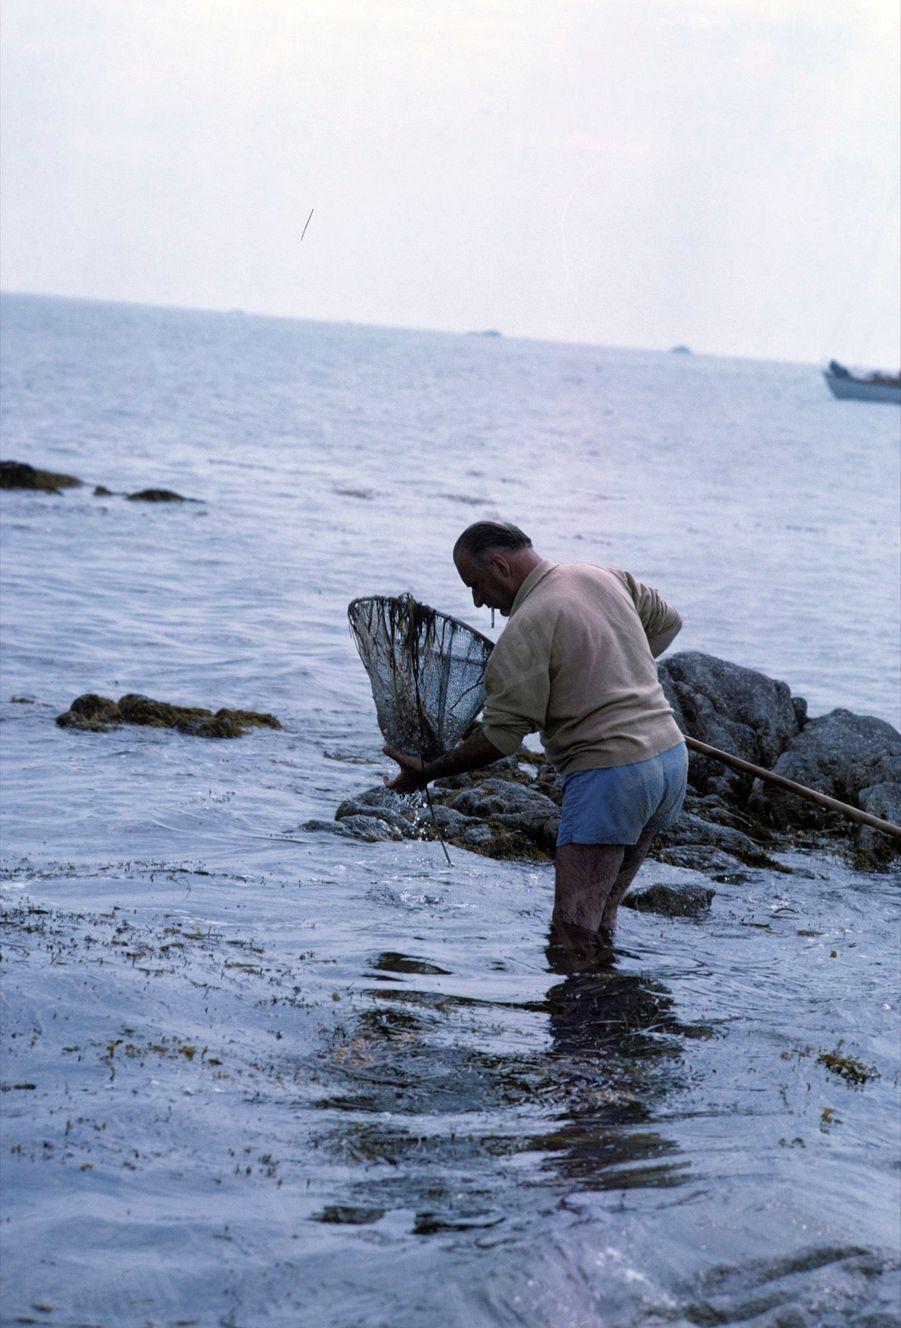 Georges Pompidou en vacances en Bretagne, à la pêche à la crevette avec une épuisette, en août 1965.